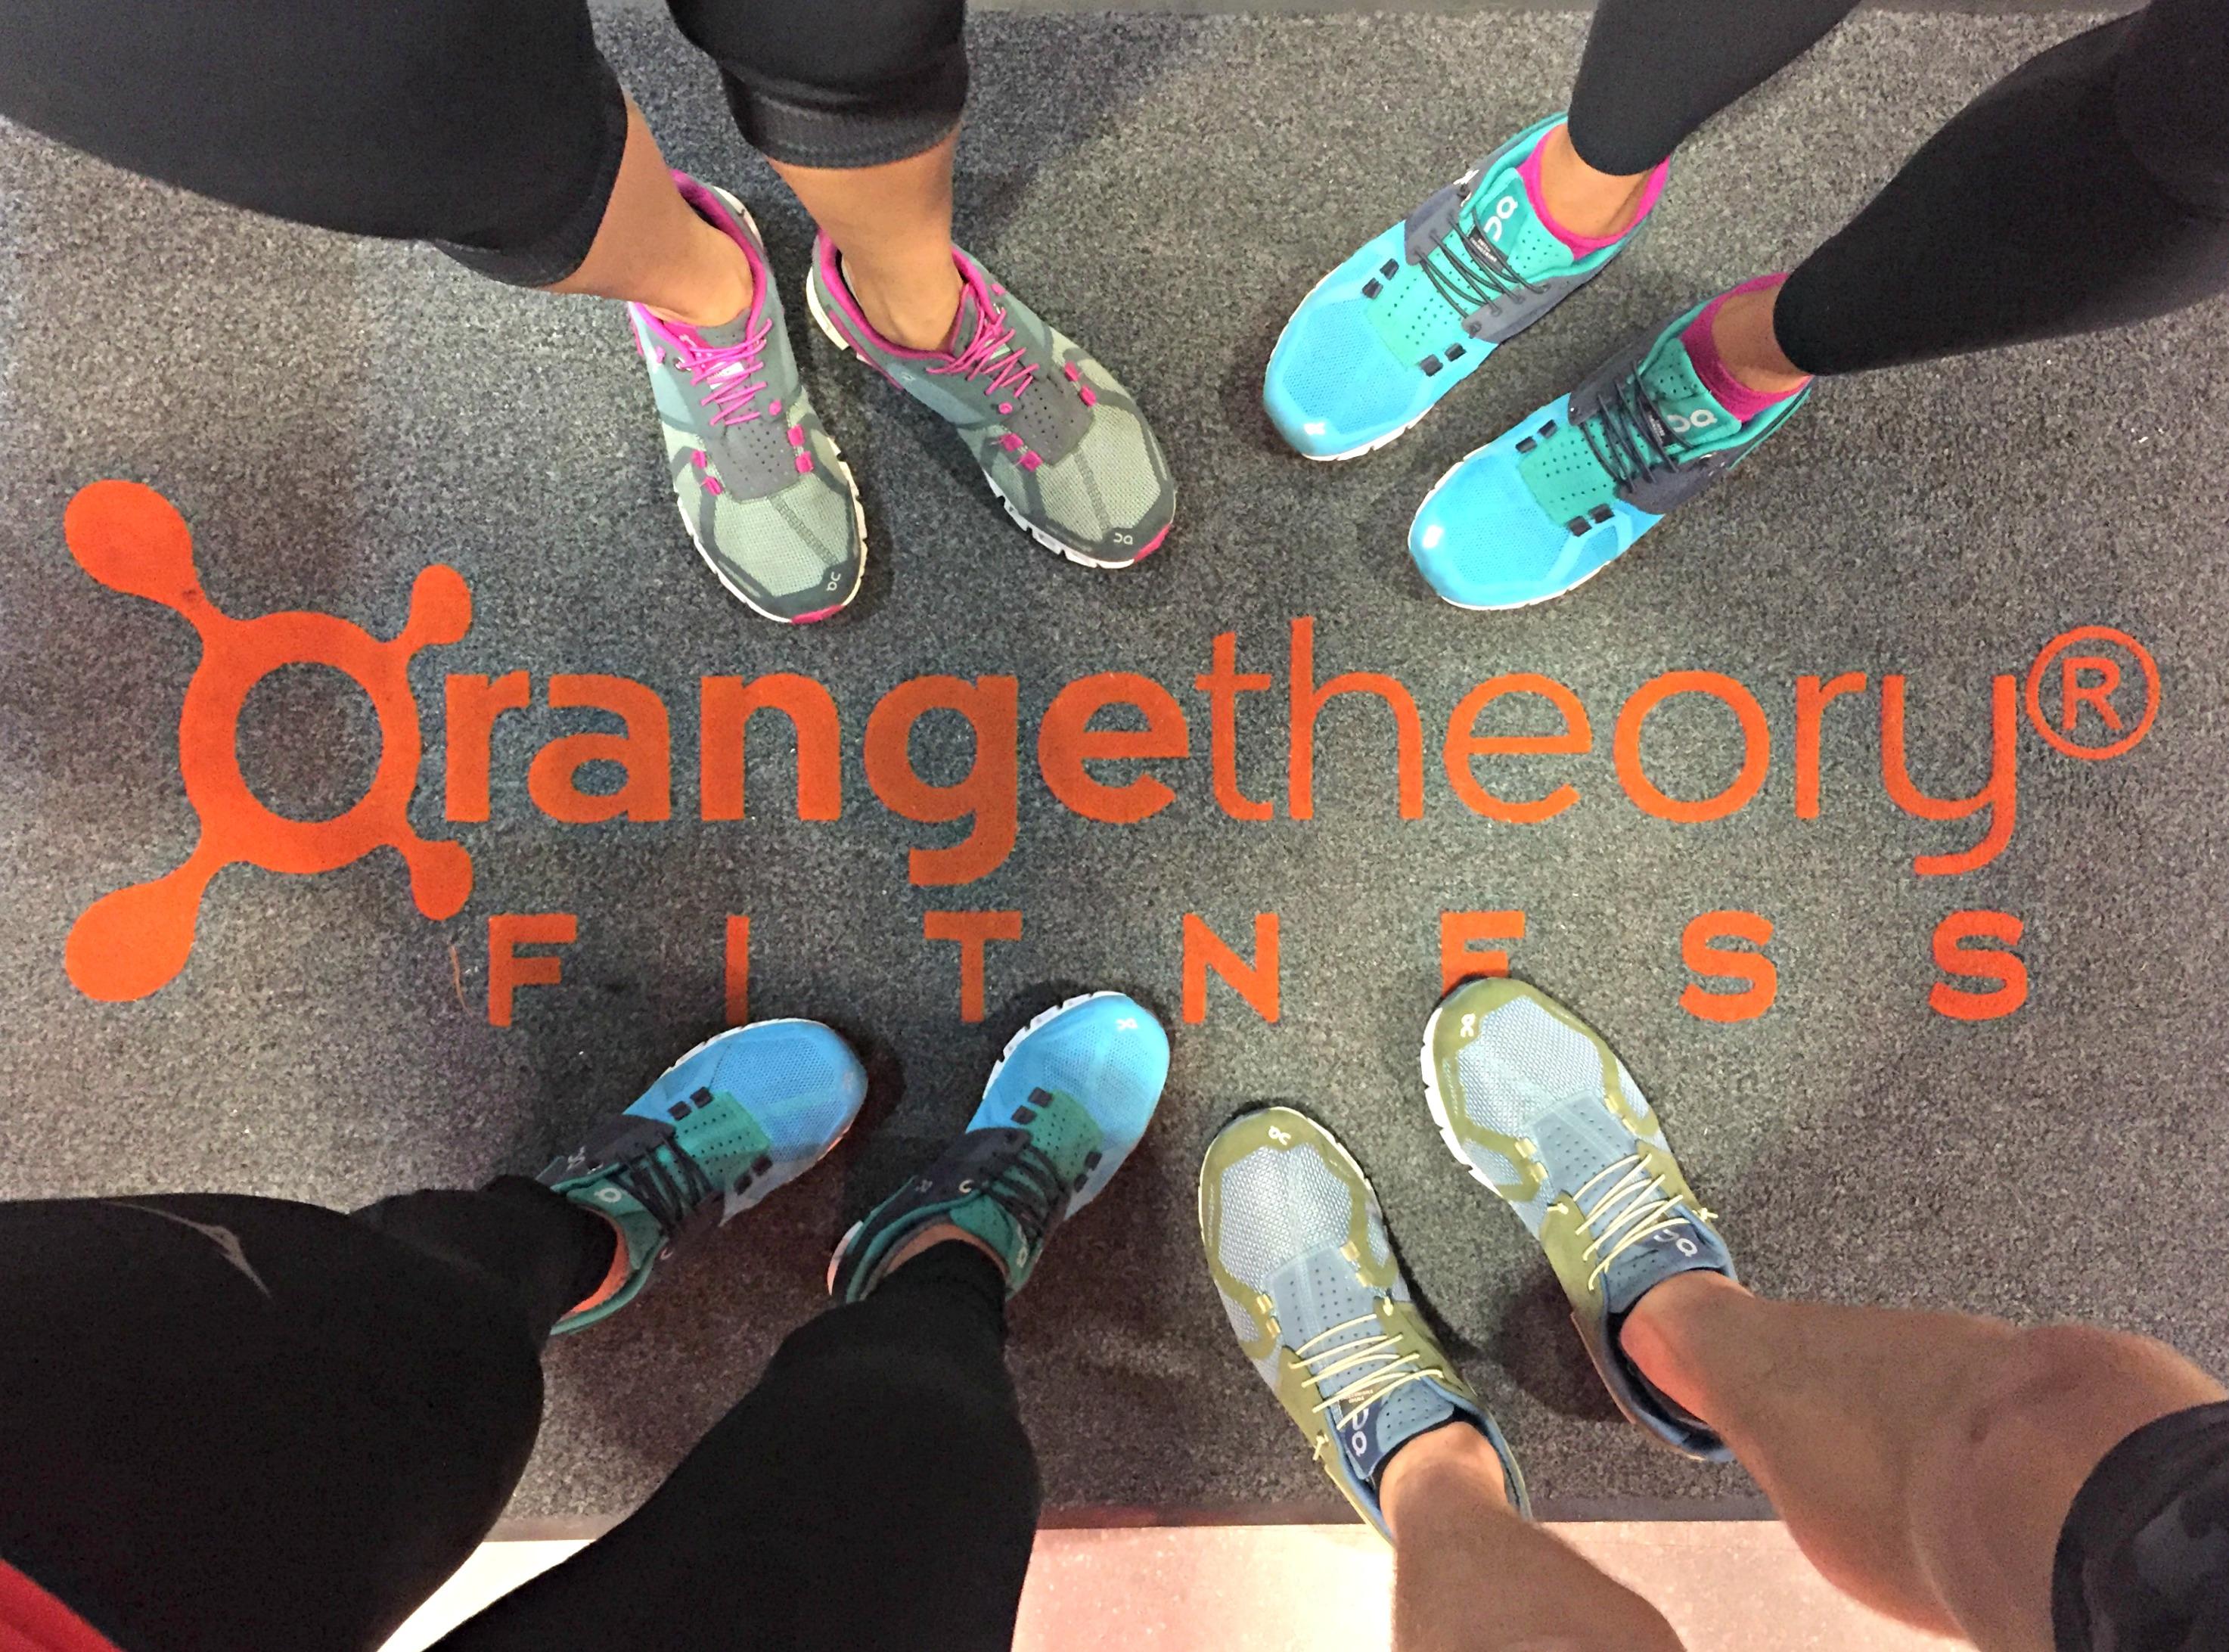 orangetheory-fitness-on-running